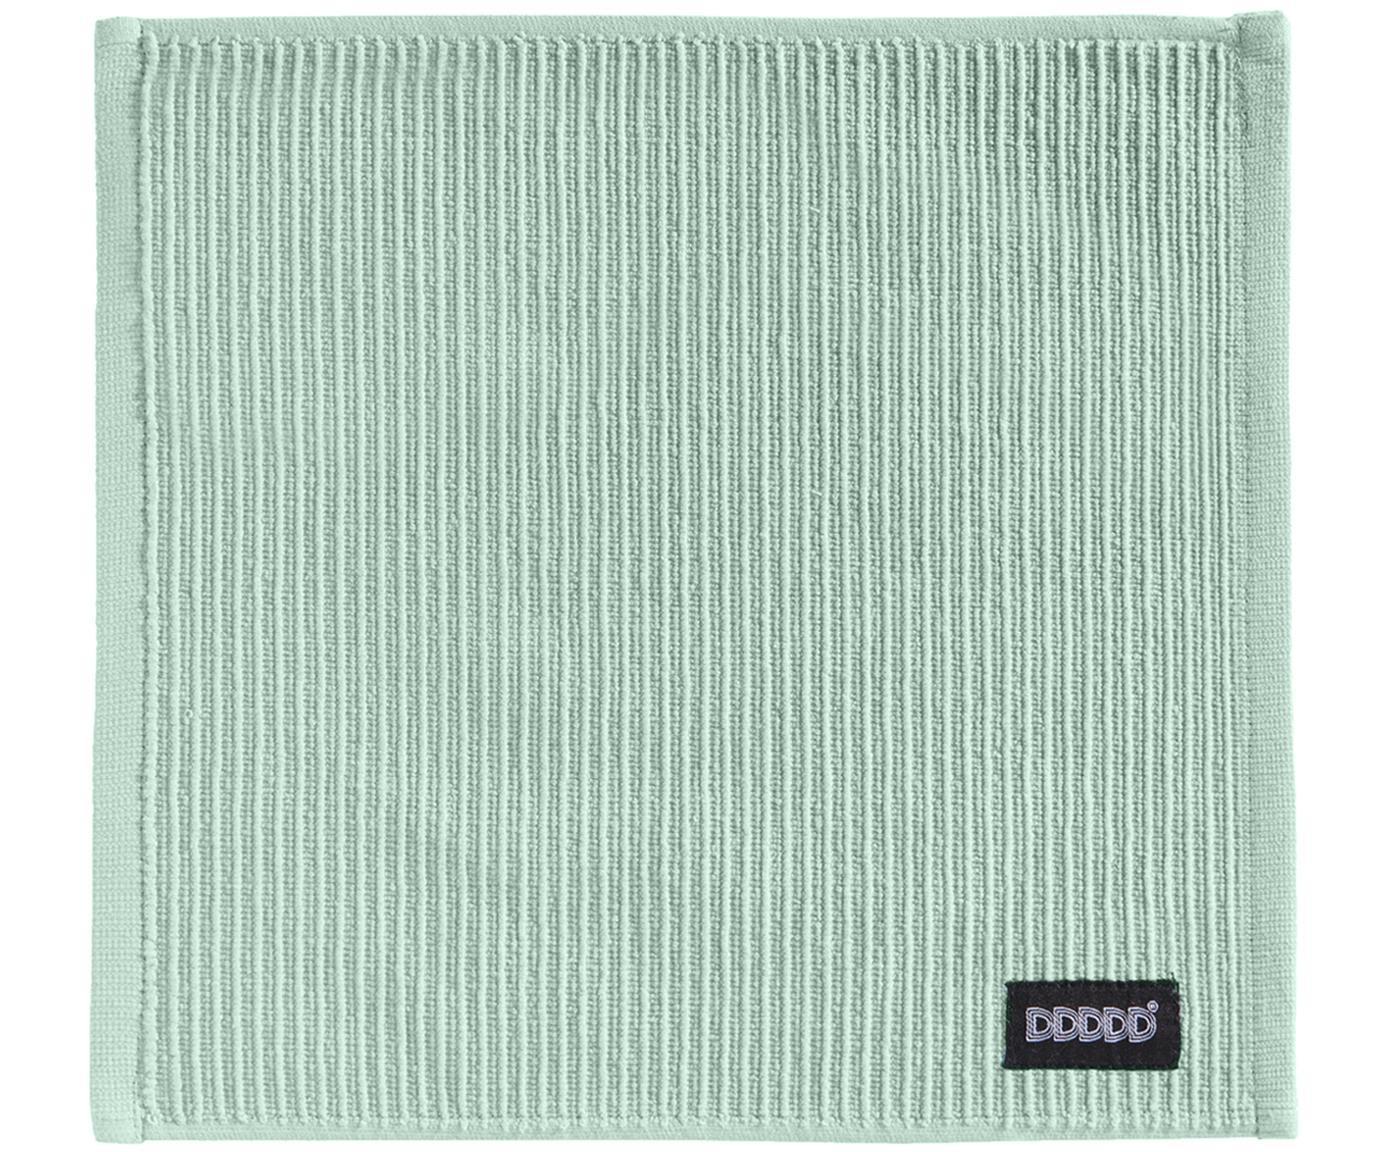 Reinigungstücher Basic Clean, 4 Stück, Baumwolle, Grün, 30 x 30 cm